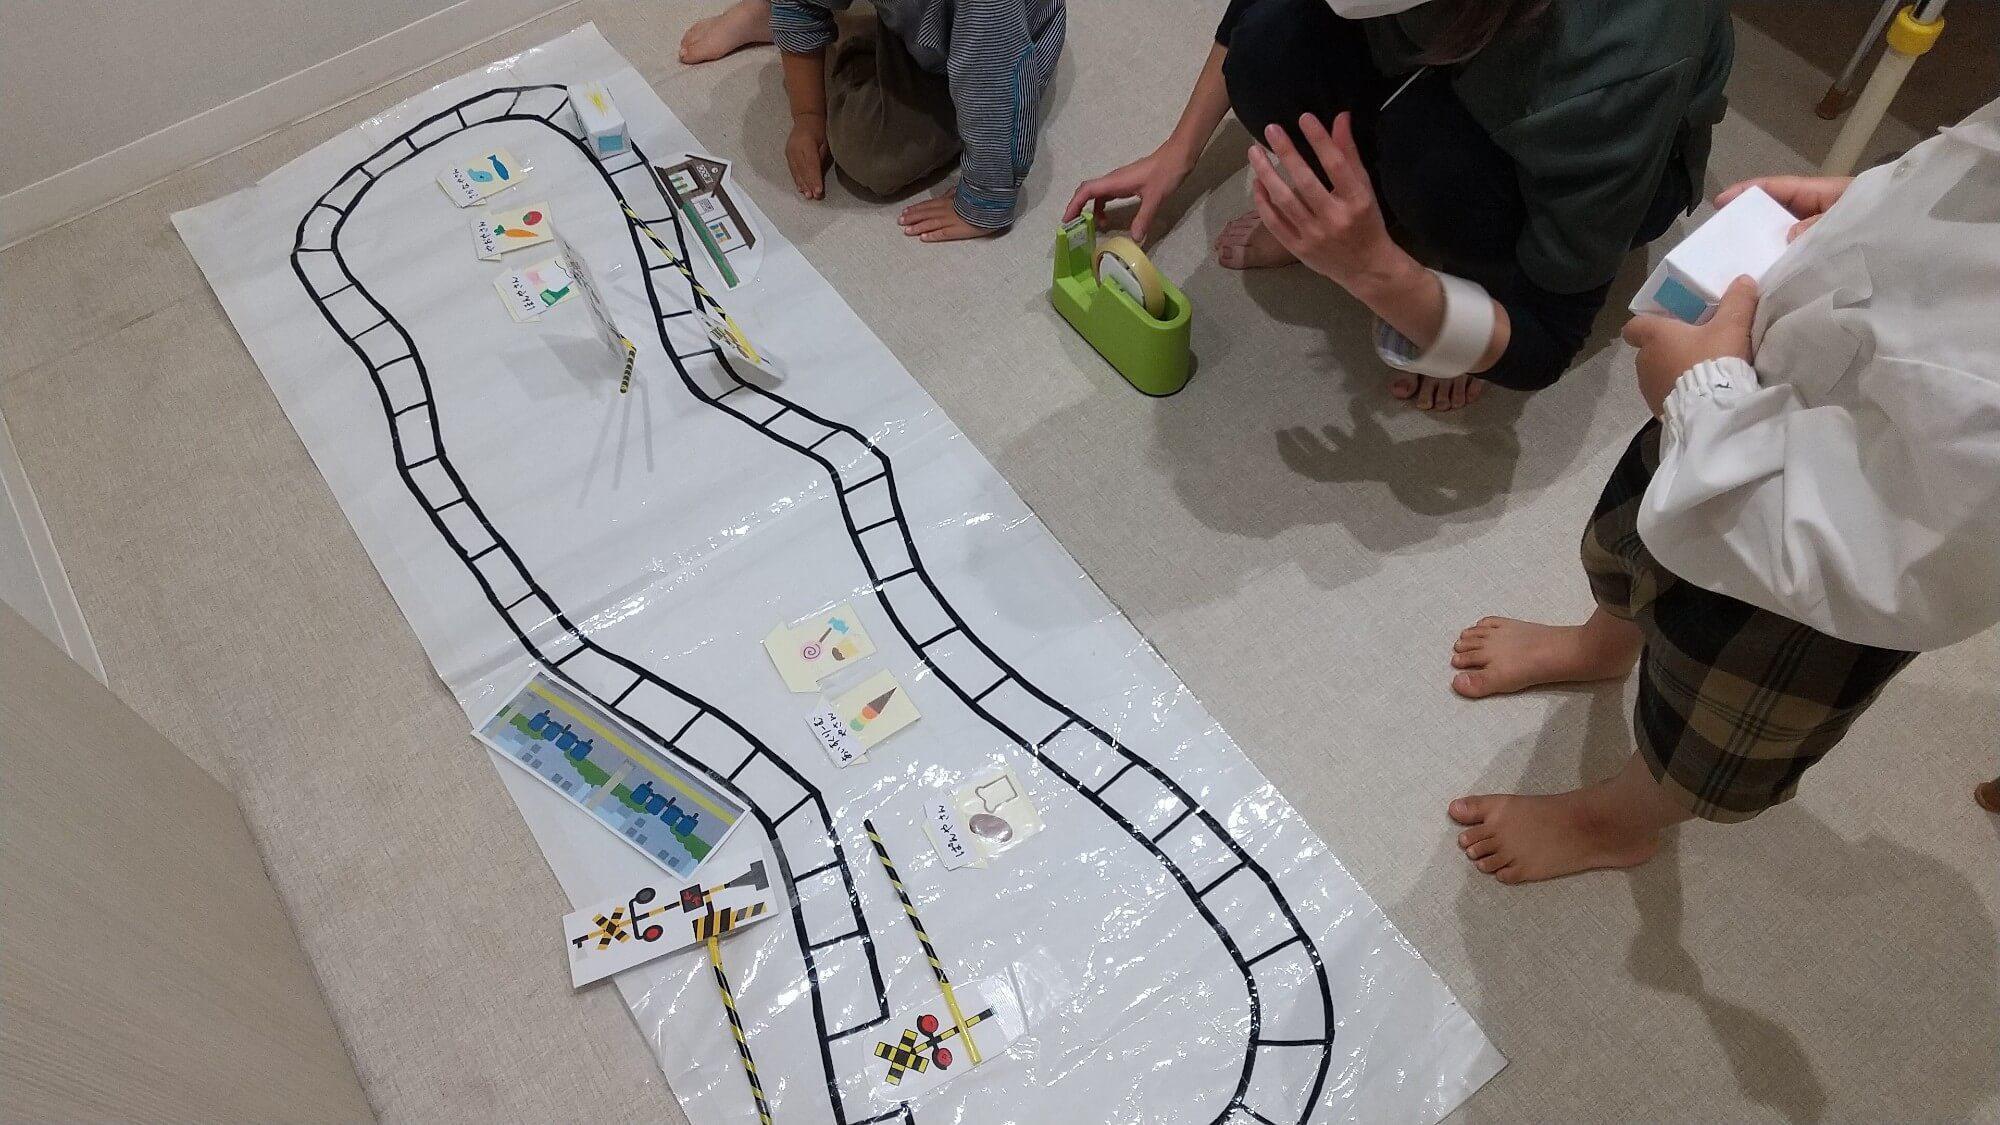 画用紙に描いた線路で遊ぶ子ども